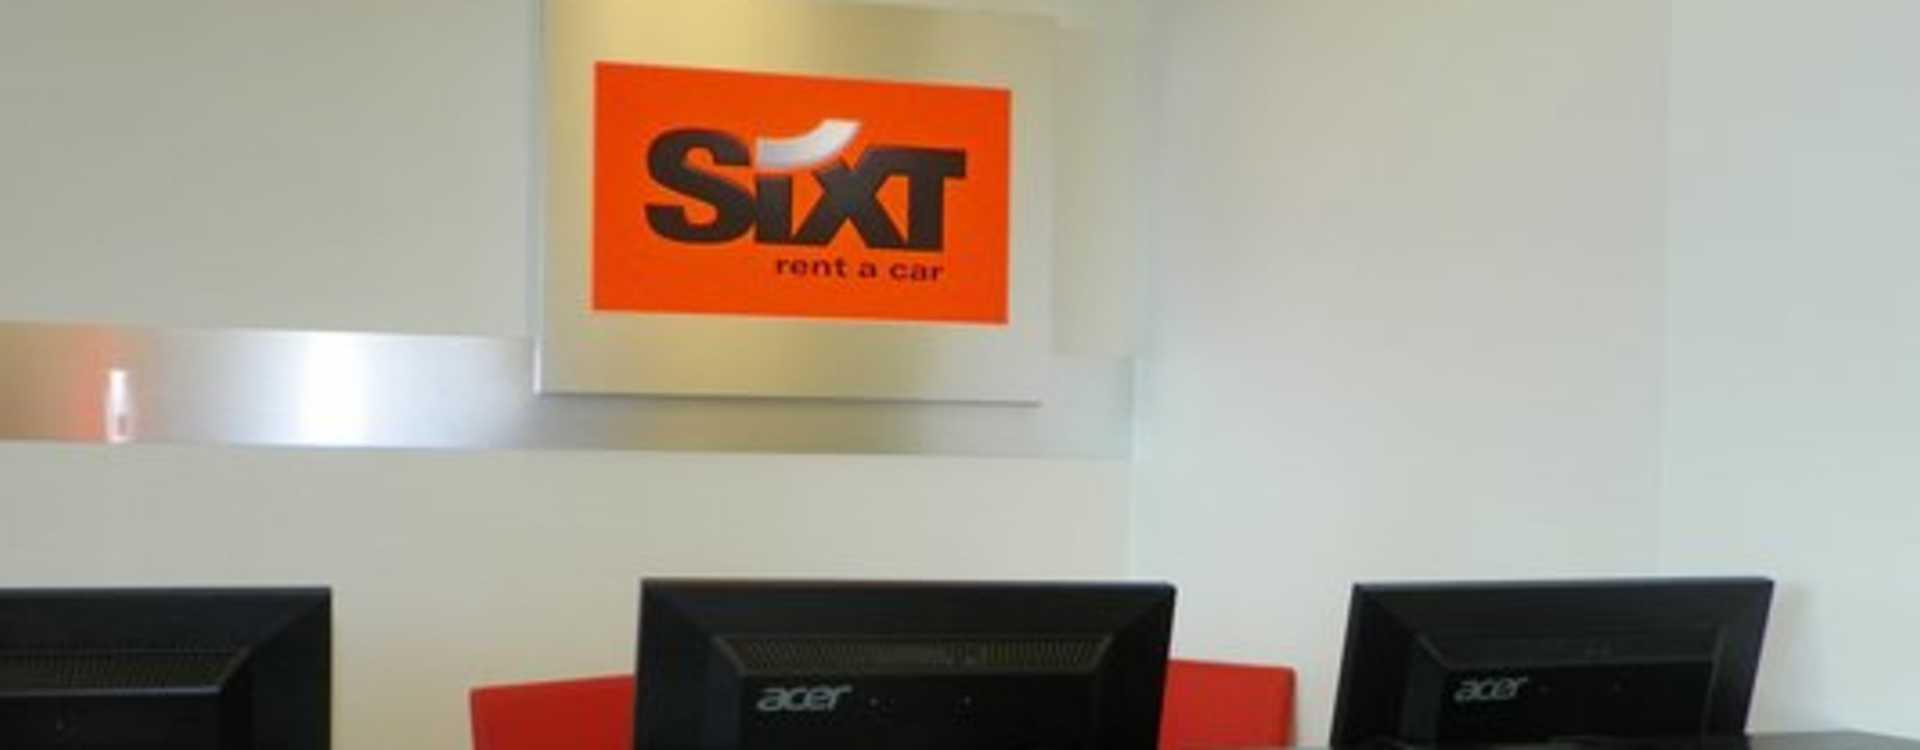 Sixt_Rent_A_Car-2.jpg